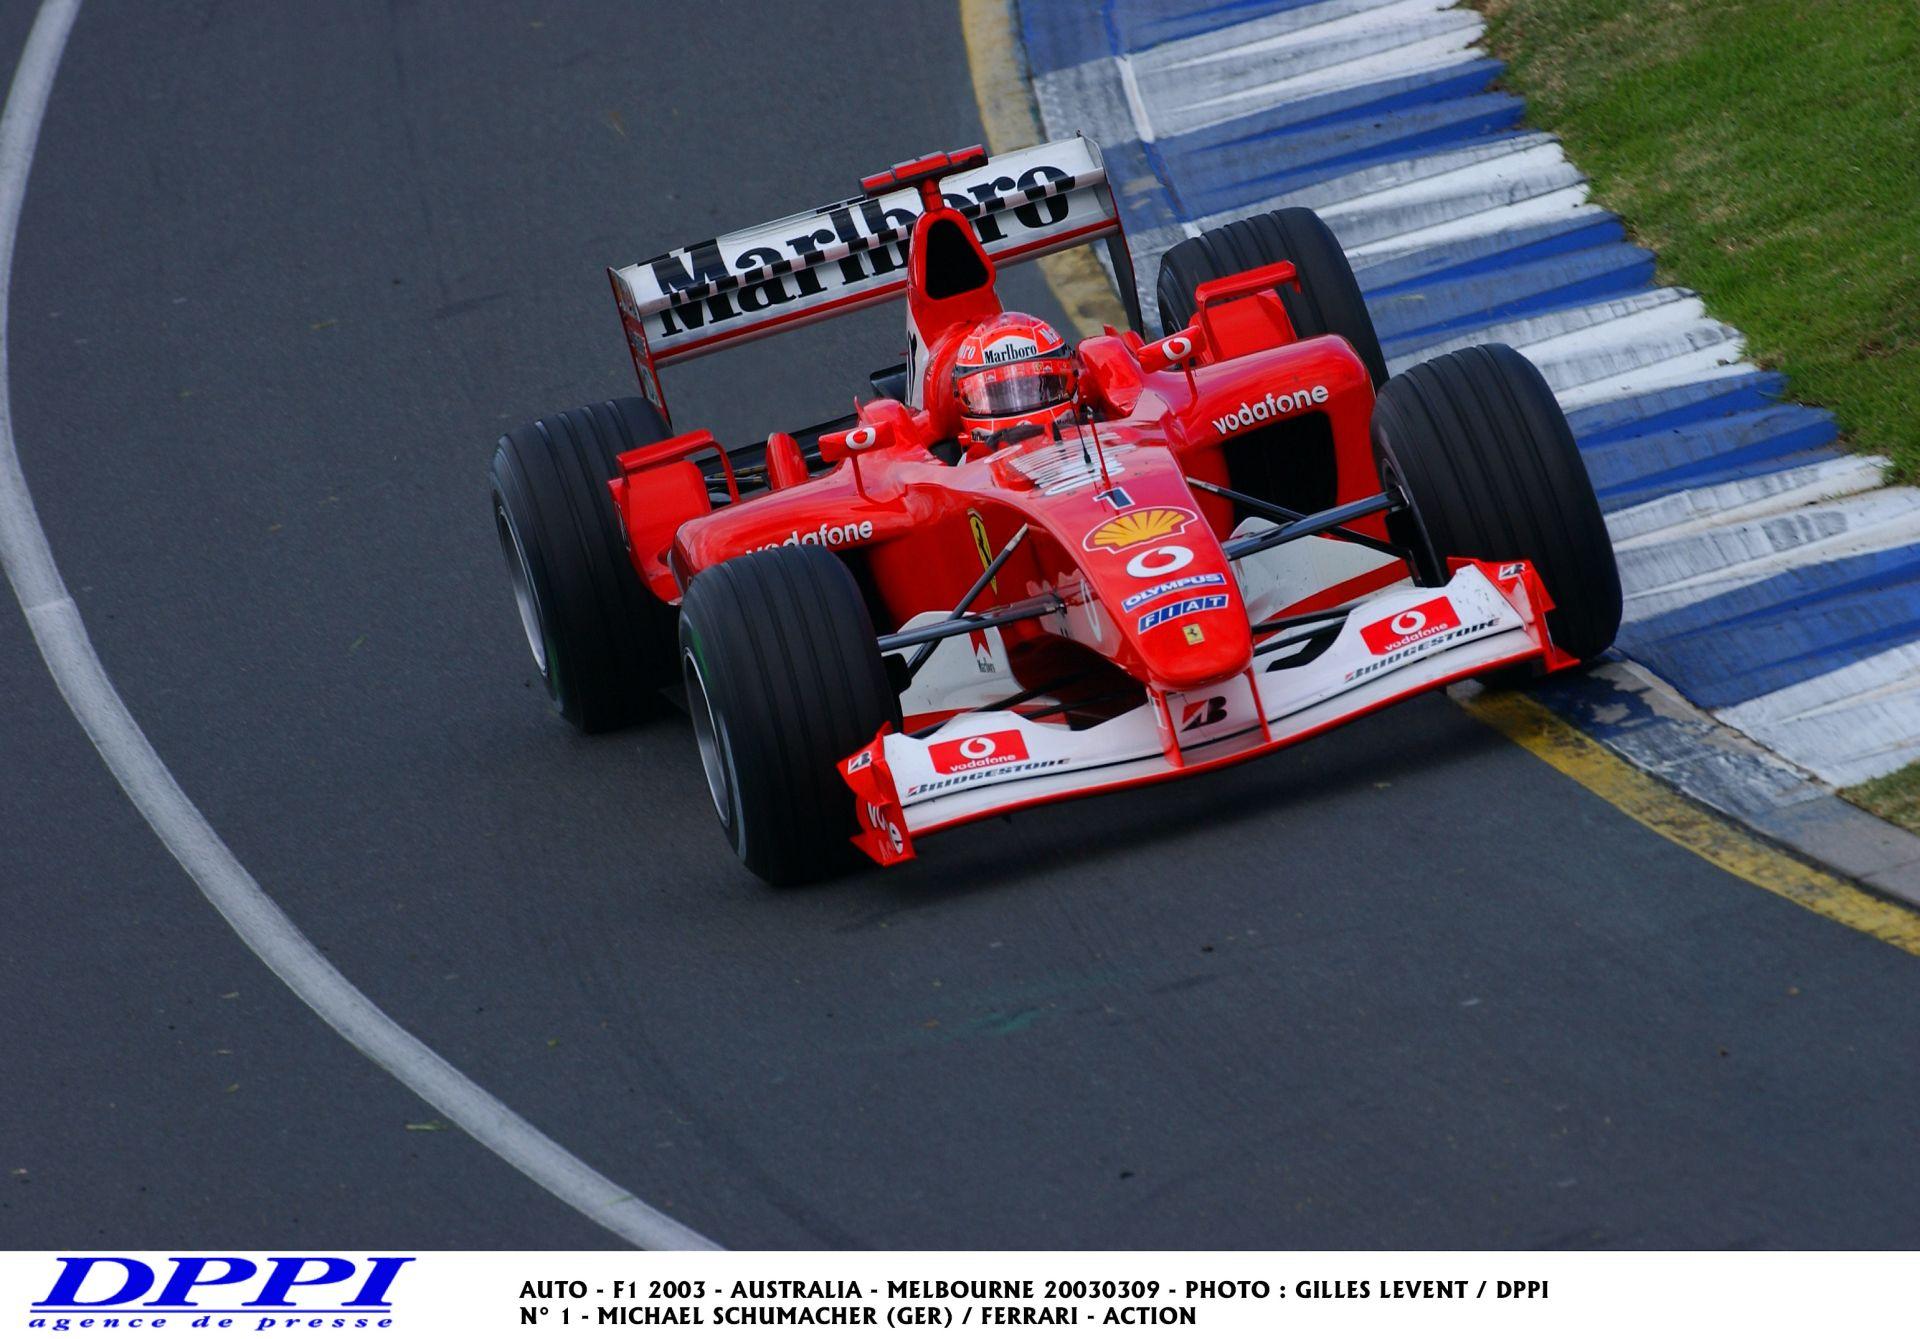 Schumacher 2003-as pole köre a Ferrarival az Ausztrál Nagydíjon